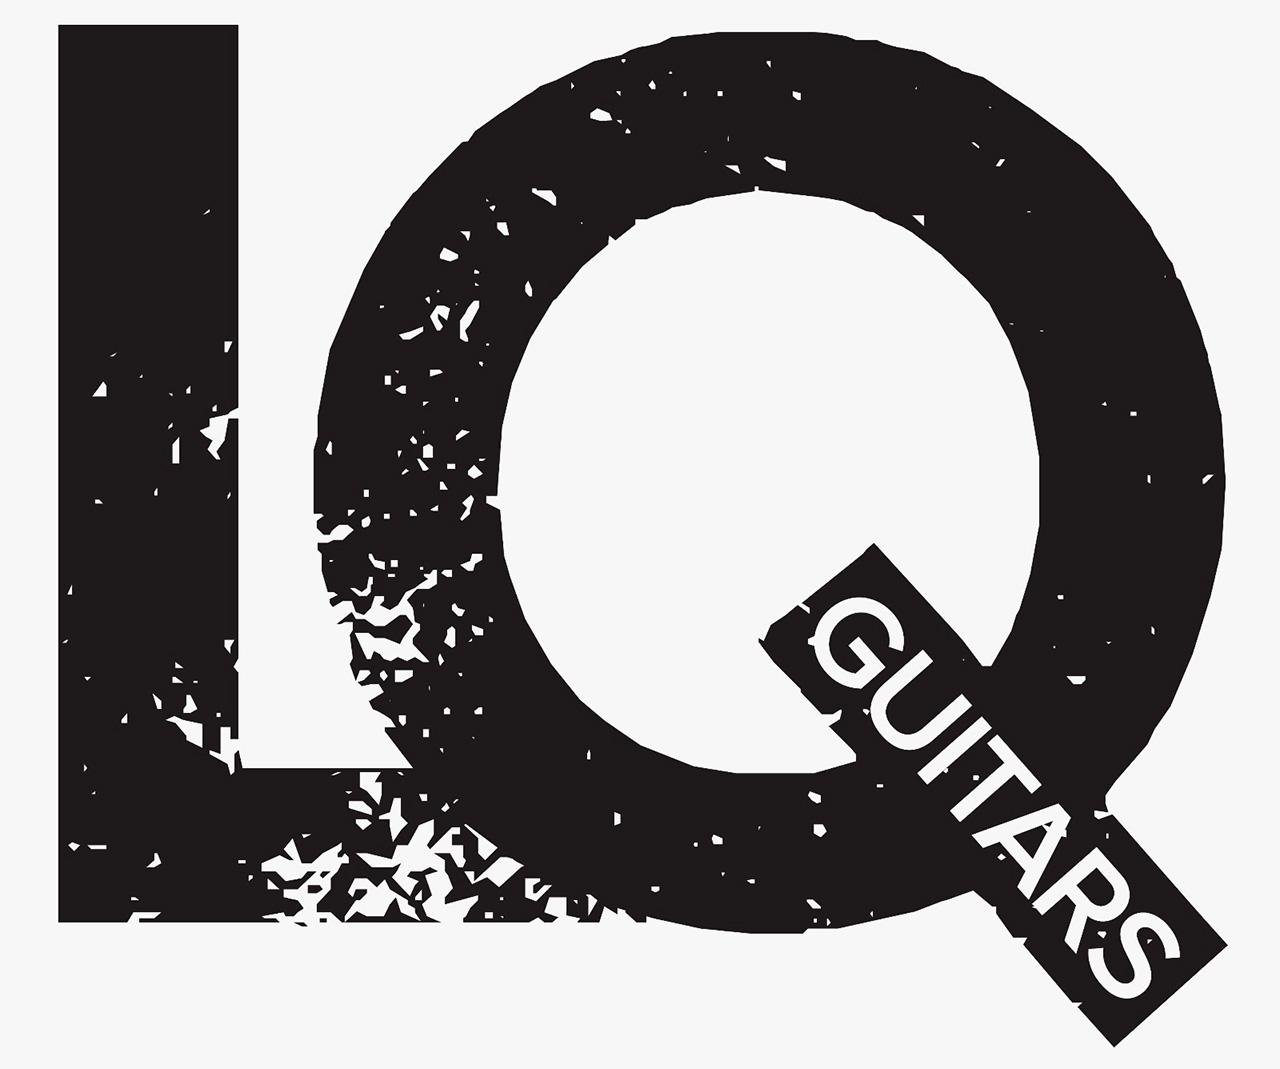 lq guitars